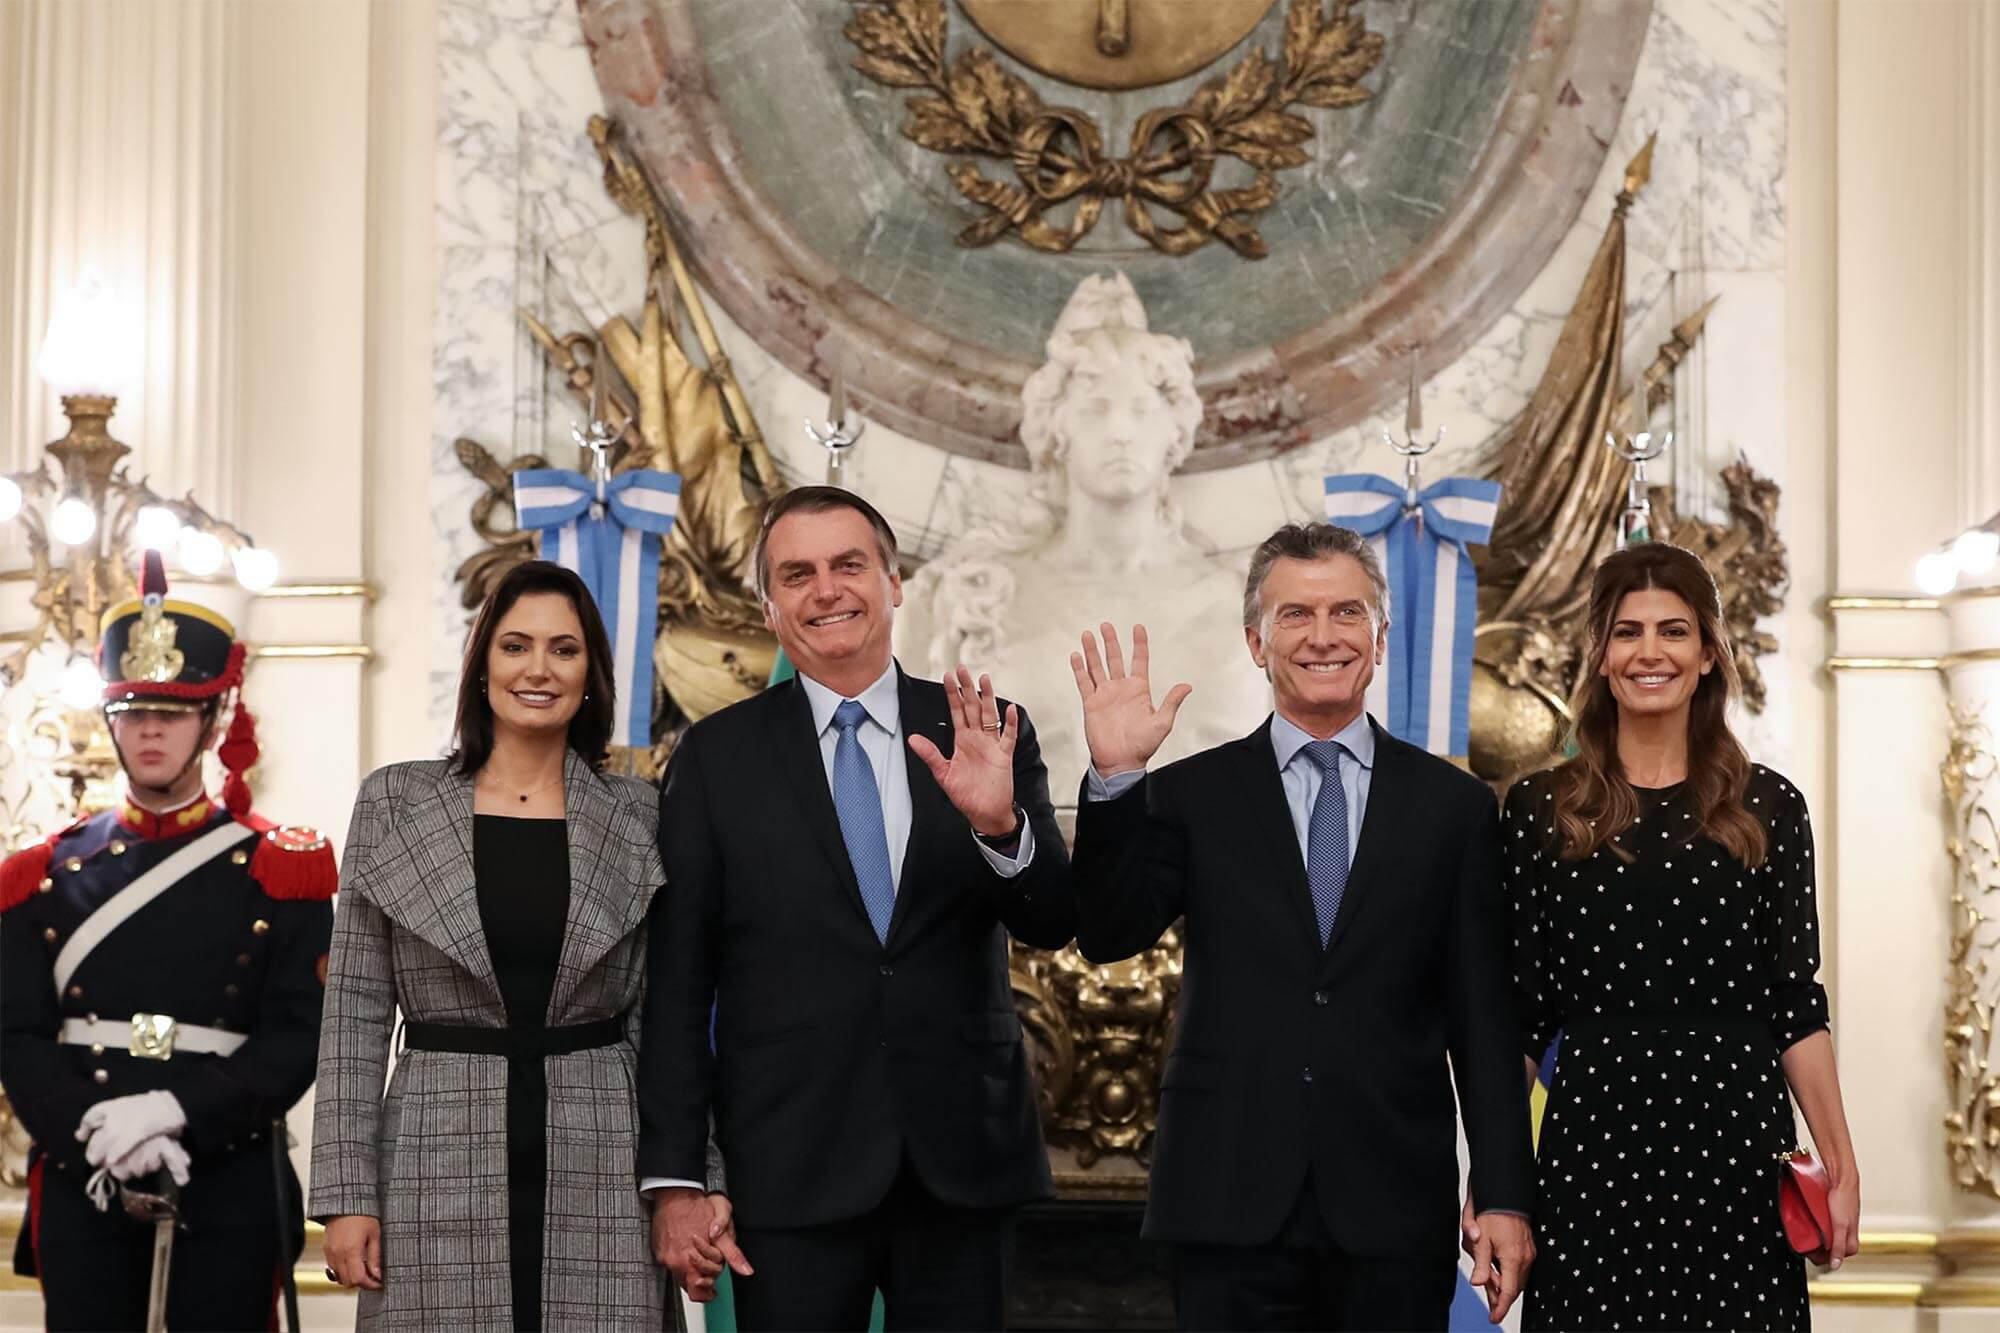 Em sua primeira viagem oficial ao lado de Bolsonaro, a primeira-dama do Brasil foi recebida na Argentina pelo presidente Mauricio Macri e sua mulher, Juliana Awada